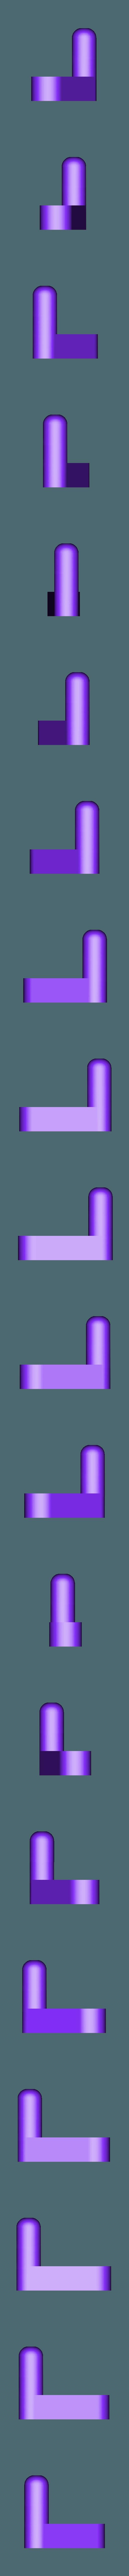 handle.stl Télécharger fichier STL gratuit Pistolet d'hypnose • Design pour imprimante 3D, ericcherry